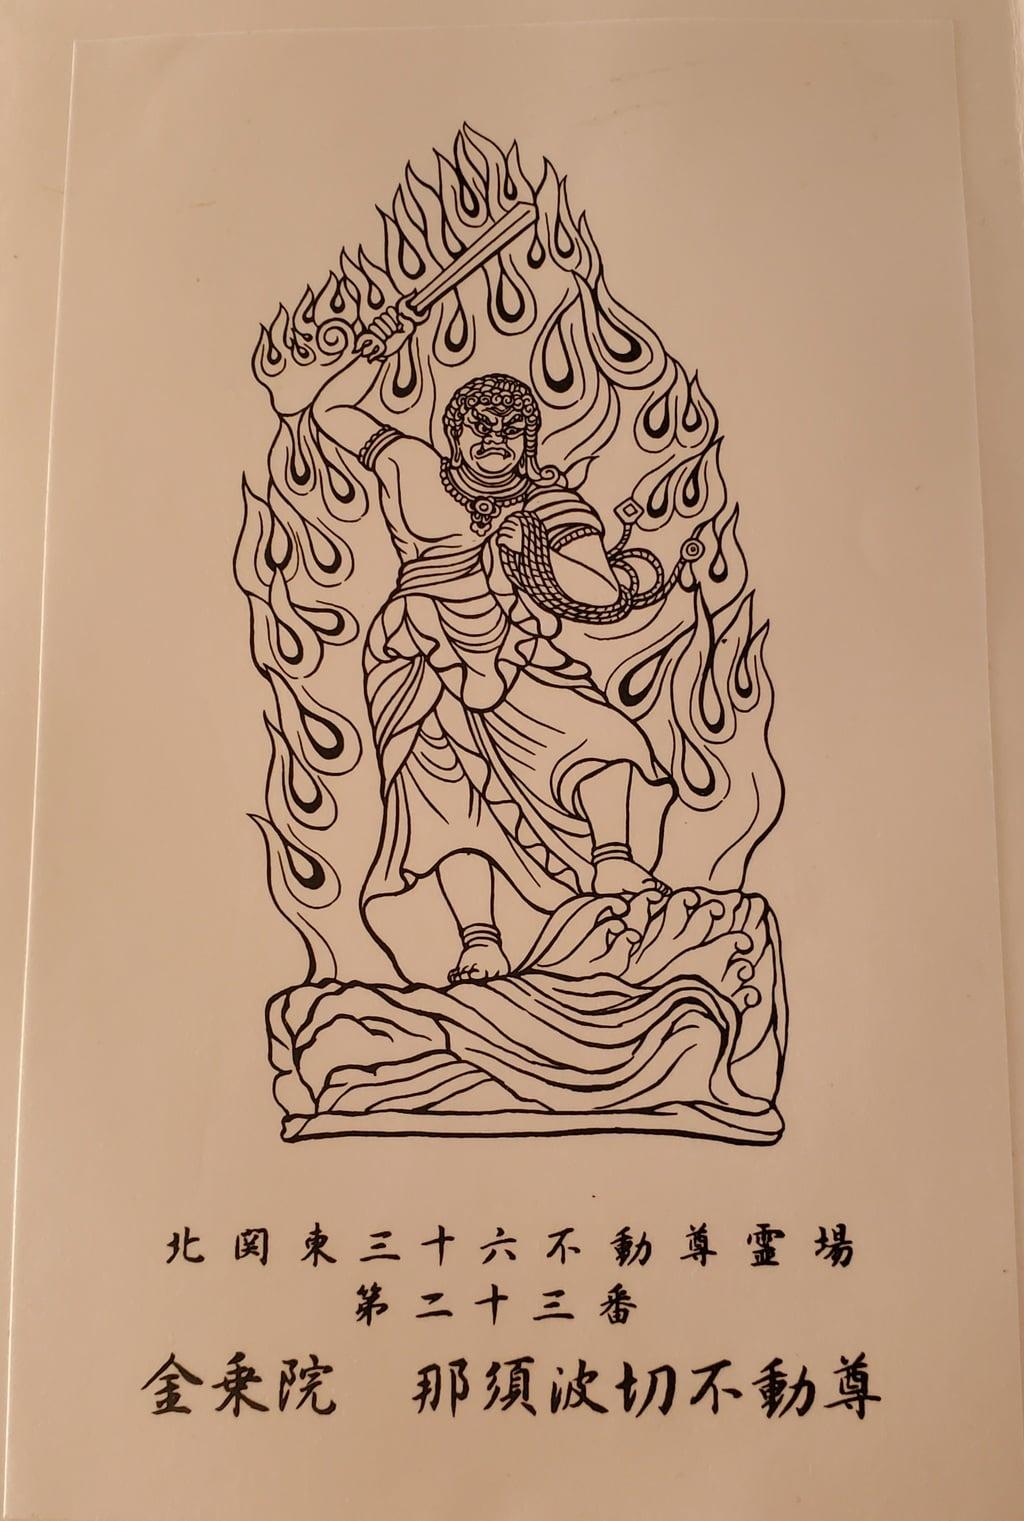 金乗院(那須波切不動尊) の御朱印